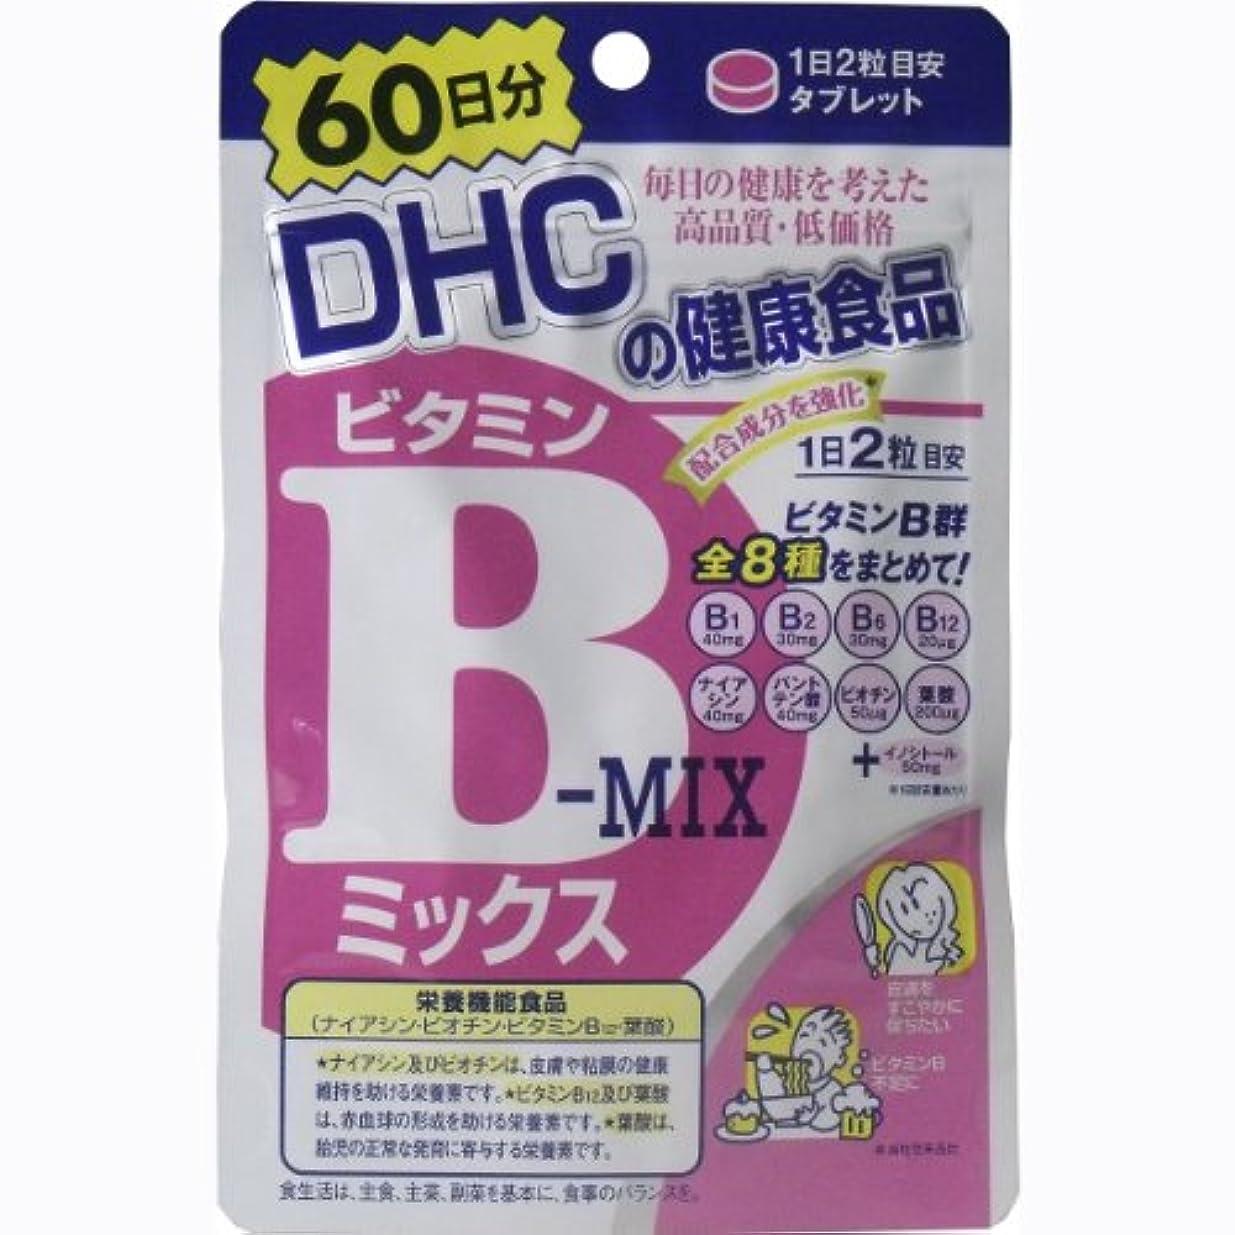 スカーフエンディング憧れDHC ビタミンBミックス 120粒 60日分「3点セット」